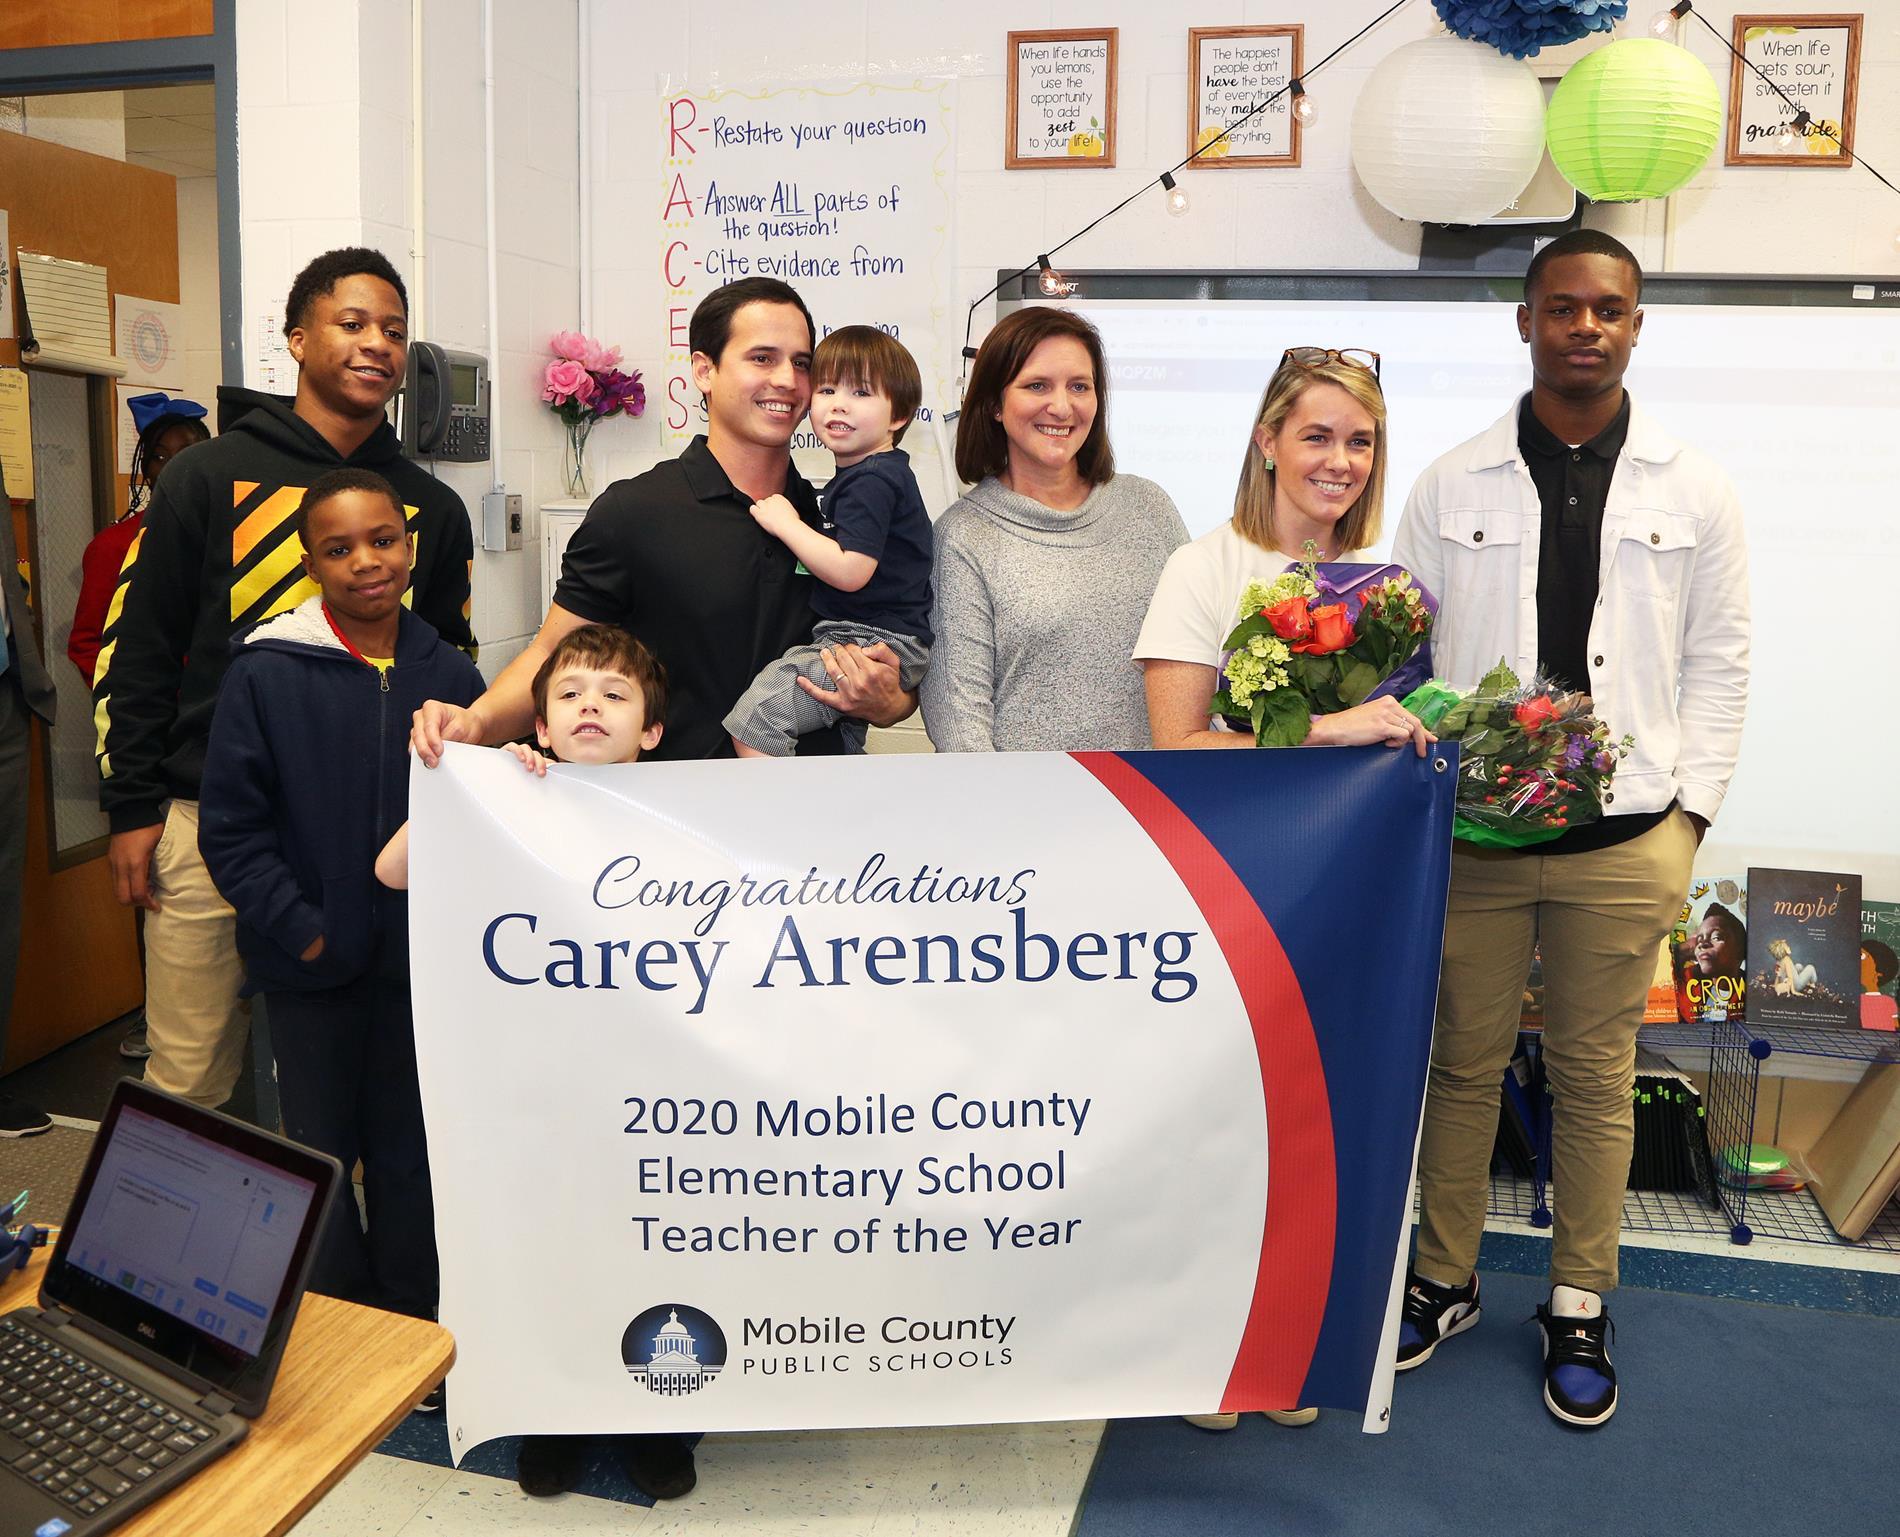 Carey Arensberg